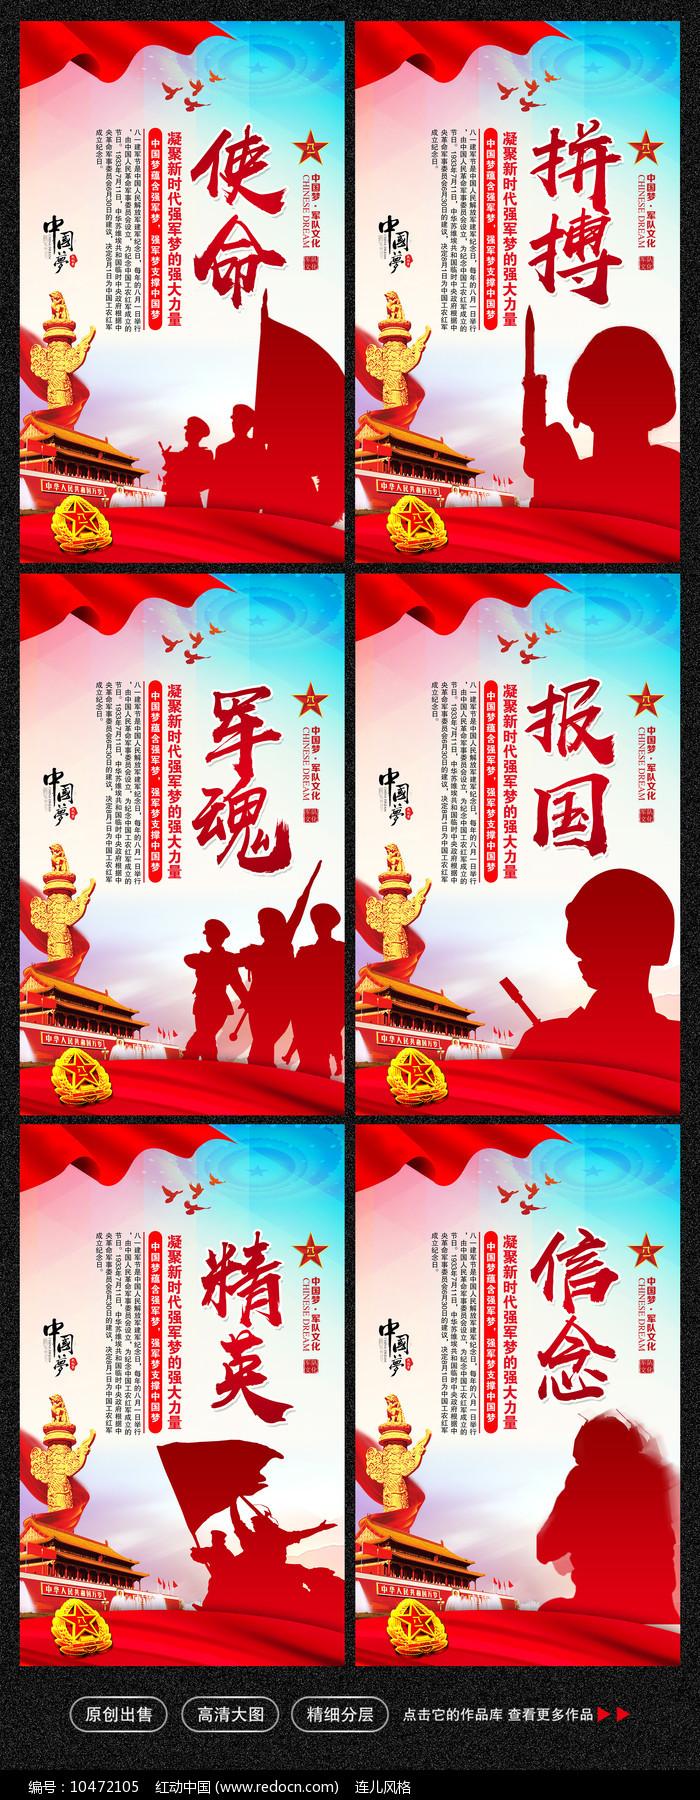 八一建军节建军92周年宣传海报图片